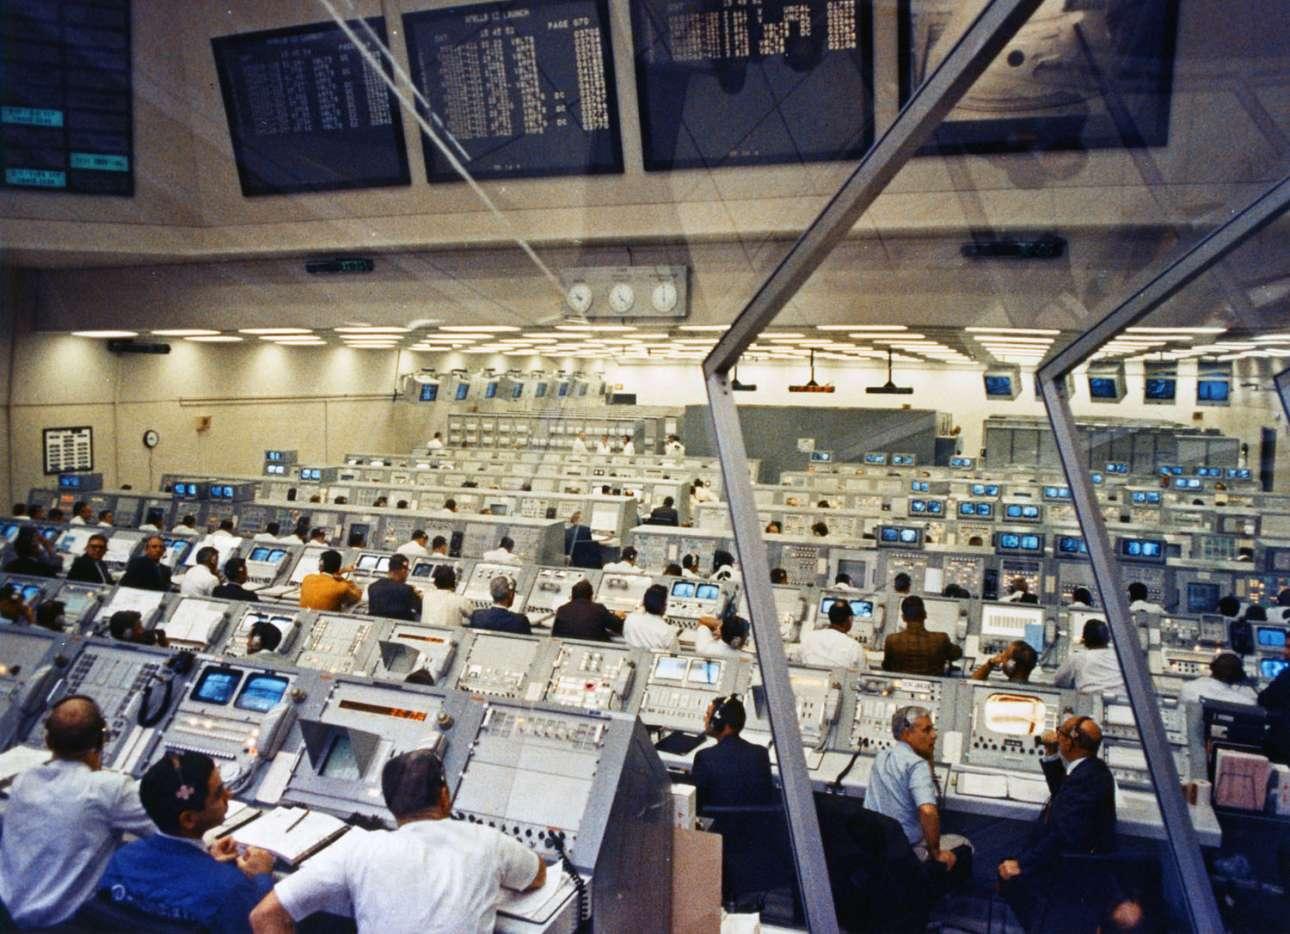 Οι εργαζόμενοι στο Τμήμα Εκτόξευσης ελέγχουν την δραστηριότητα στις λειτουργίες απογείωσης και προσθαλάσσωσης του Apollo 12